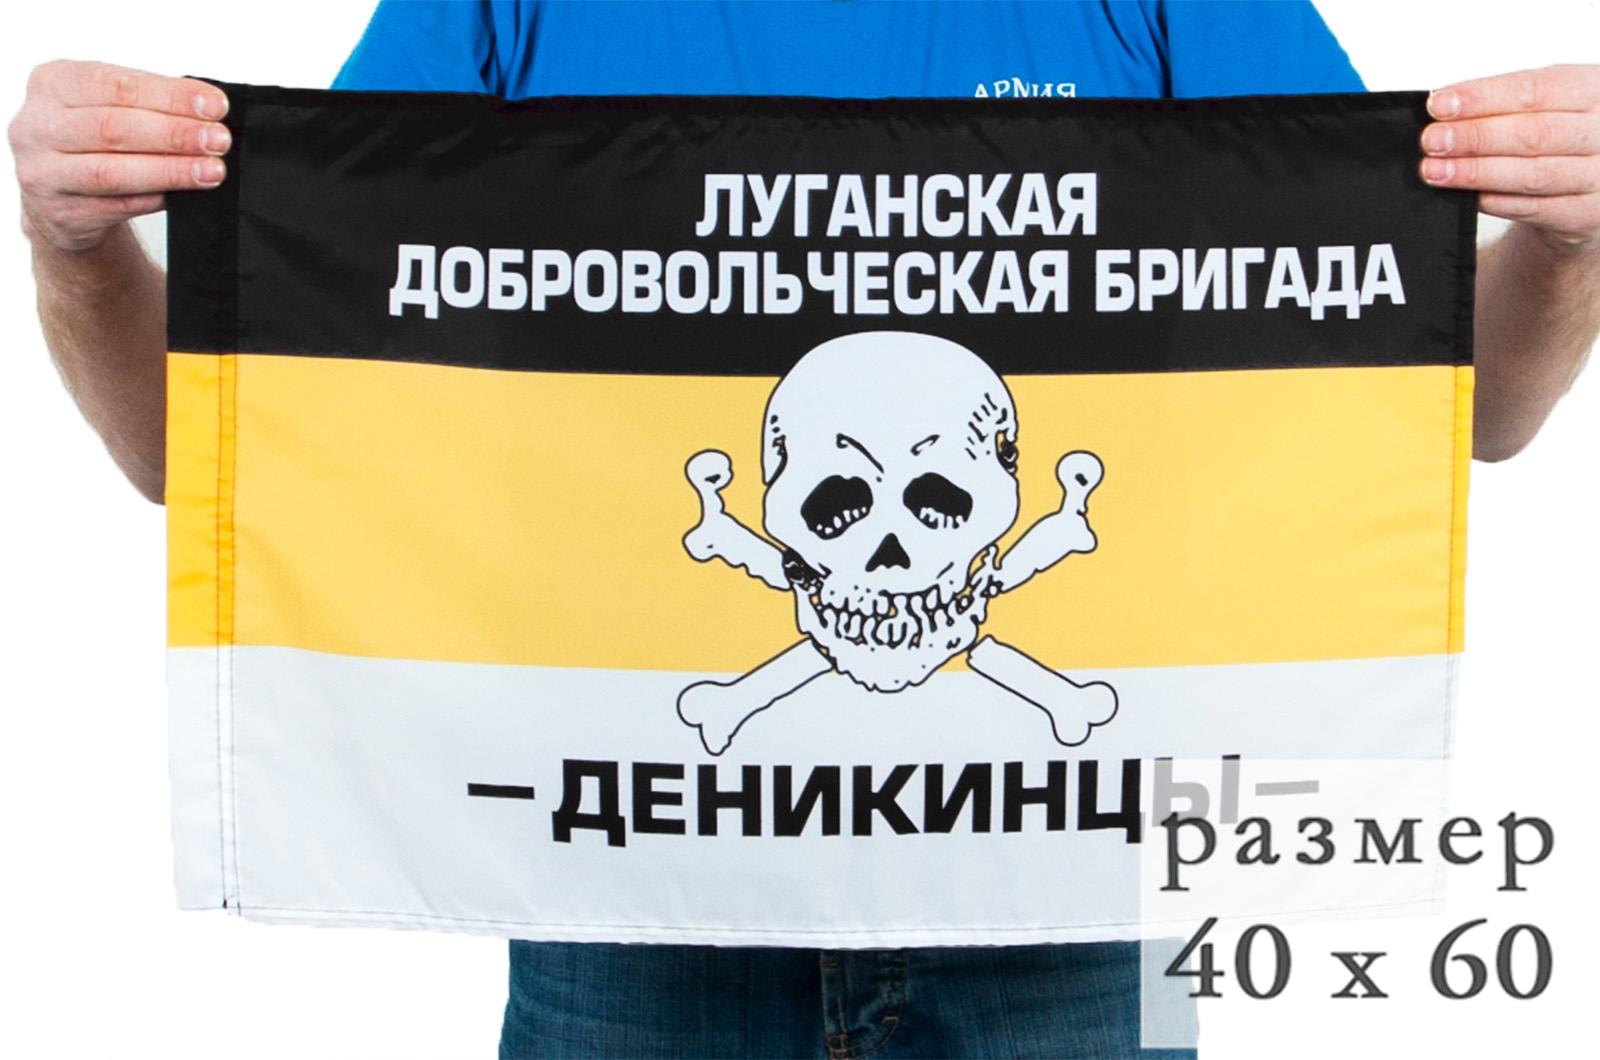 """Флаг Луганской бригады """"Деникинцы"""" 40x60"""